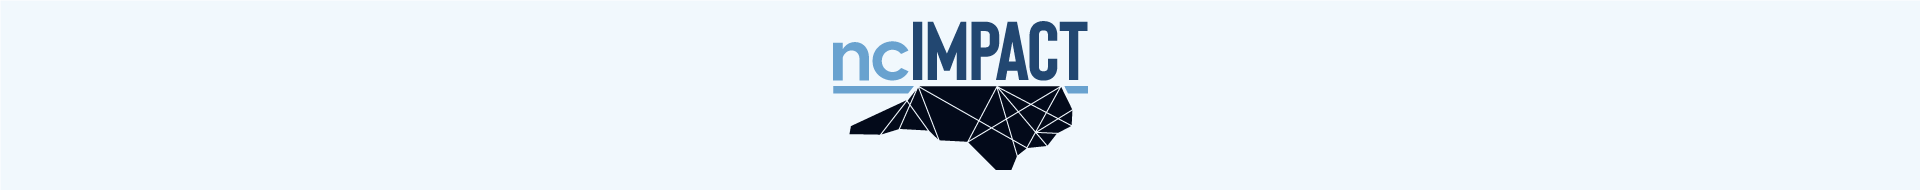 ncIMPACT logo